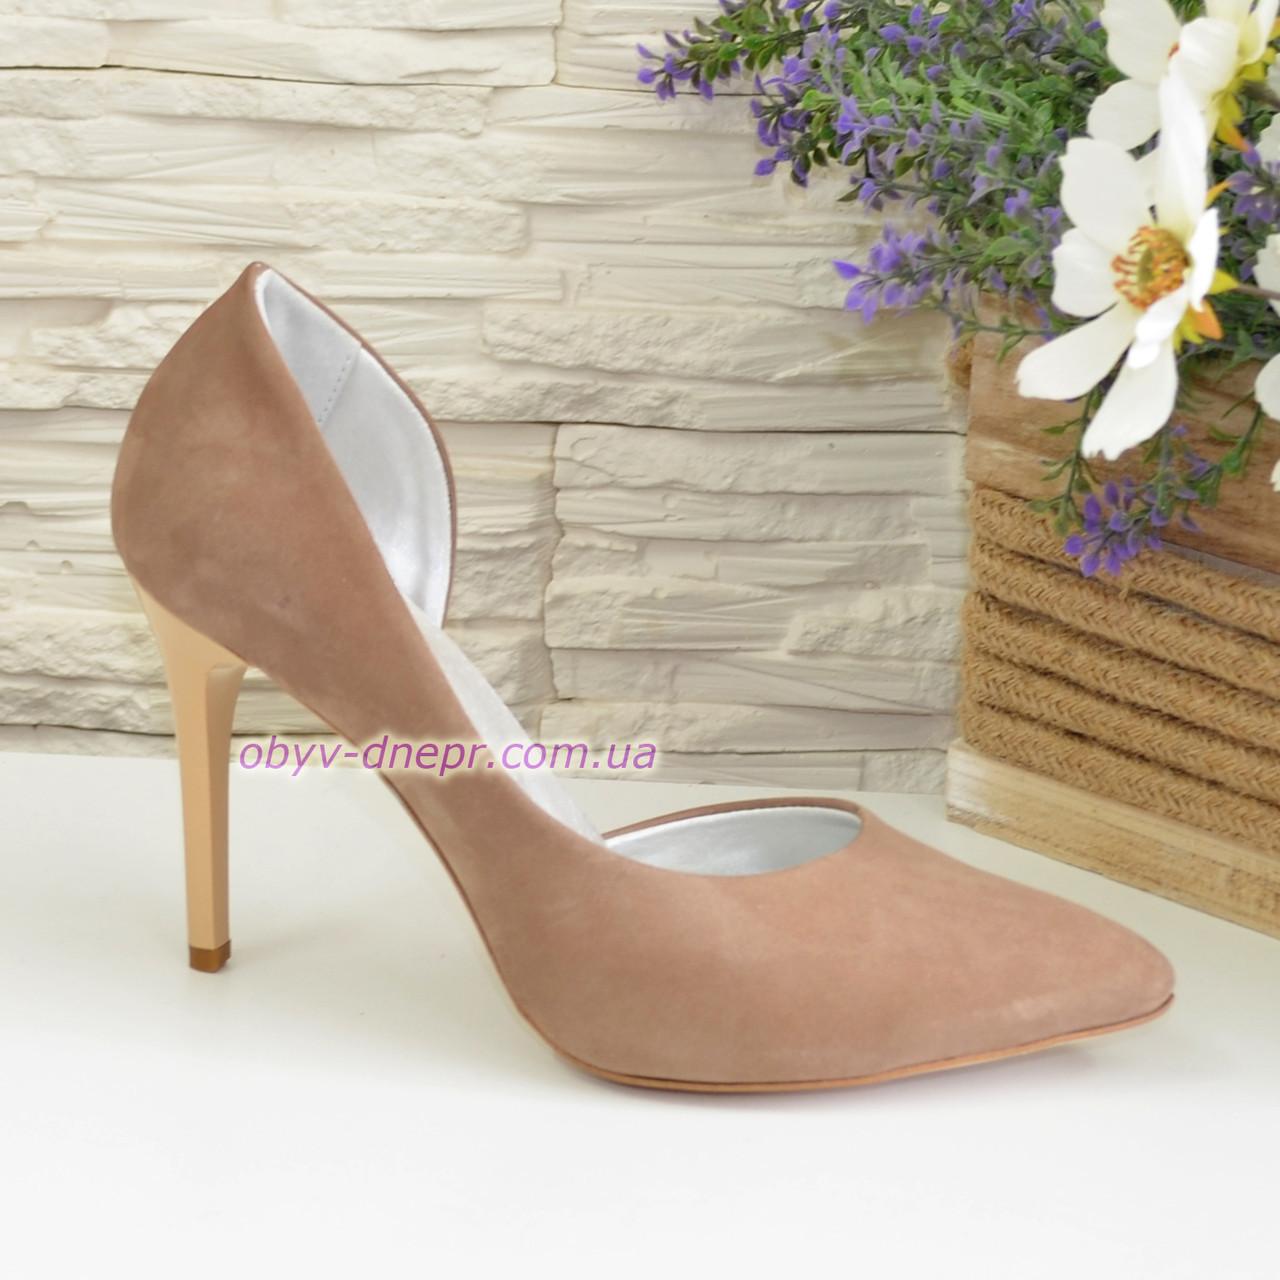 Жіночі туфлі на шпильці, бежевий нубук